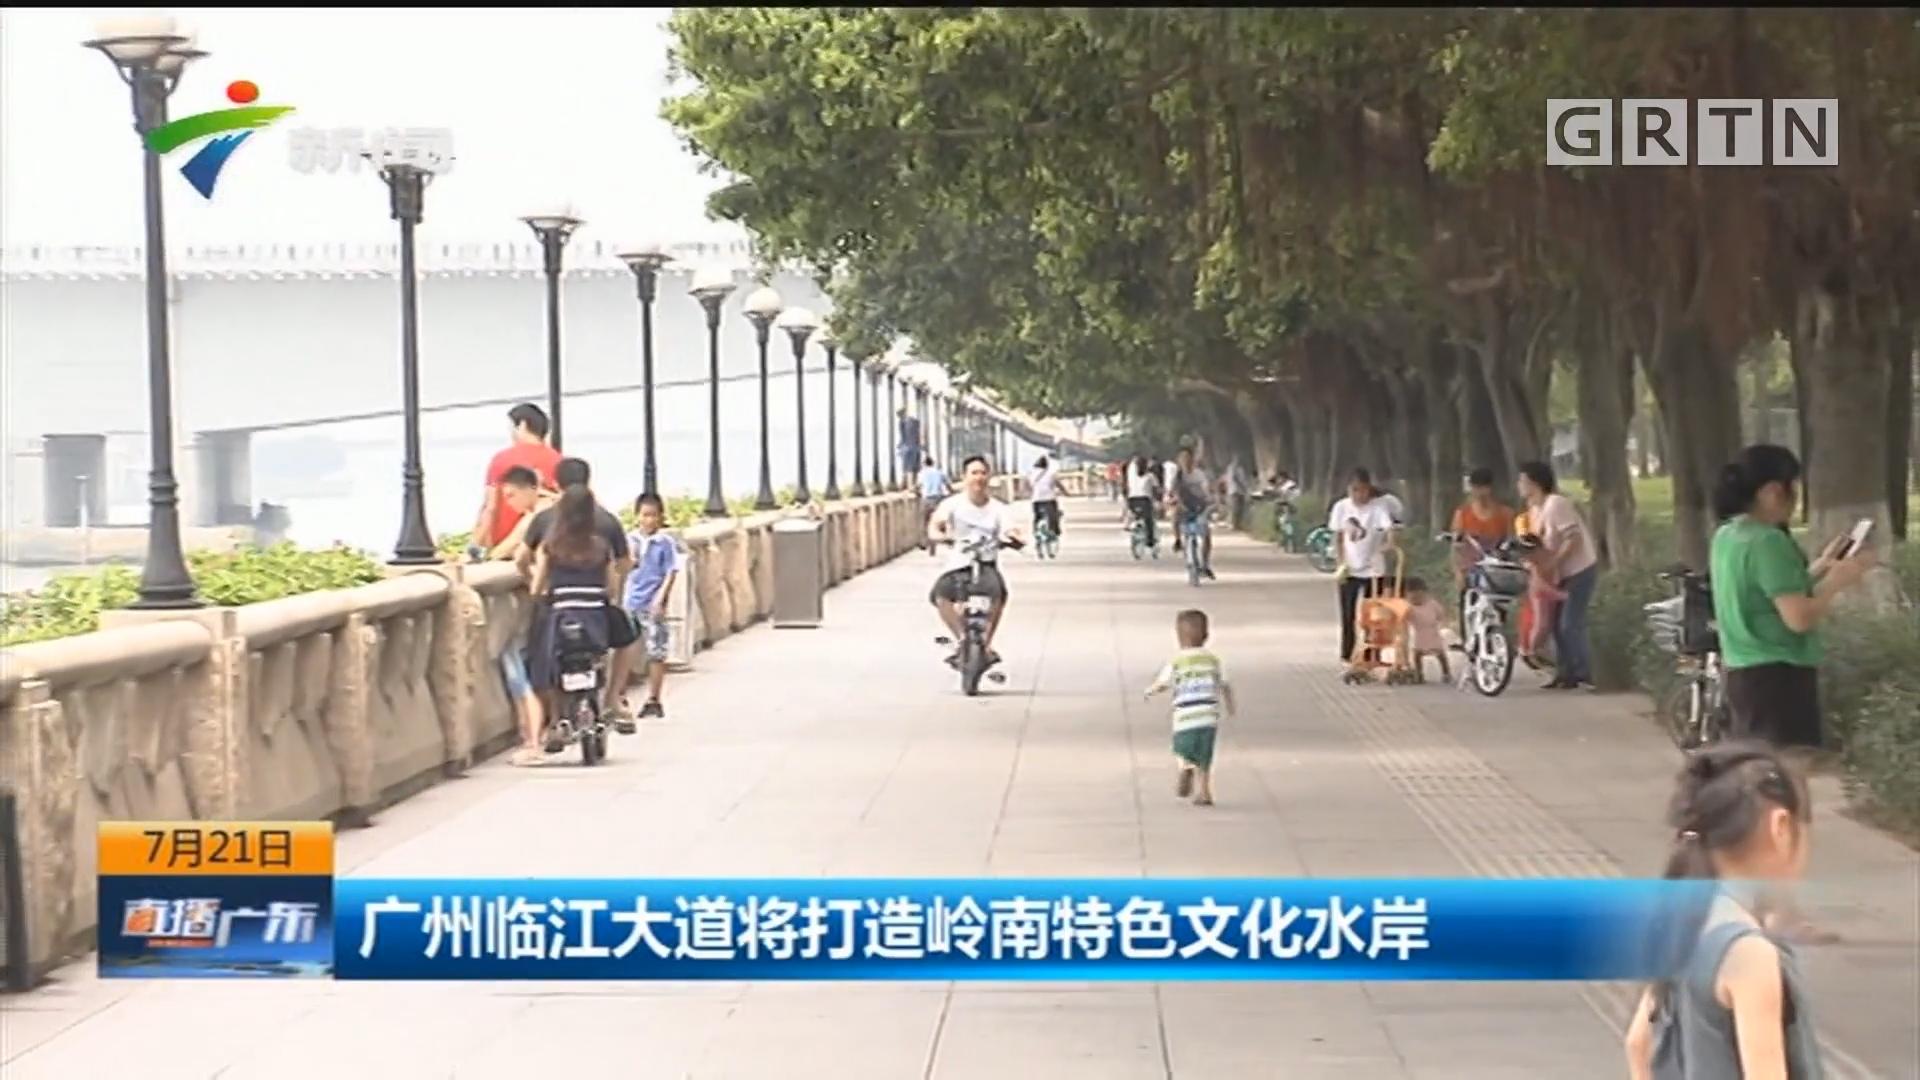 广州临江大道将打造岭南特色文化水岸